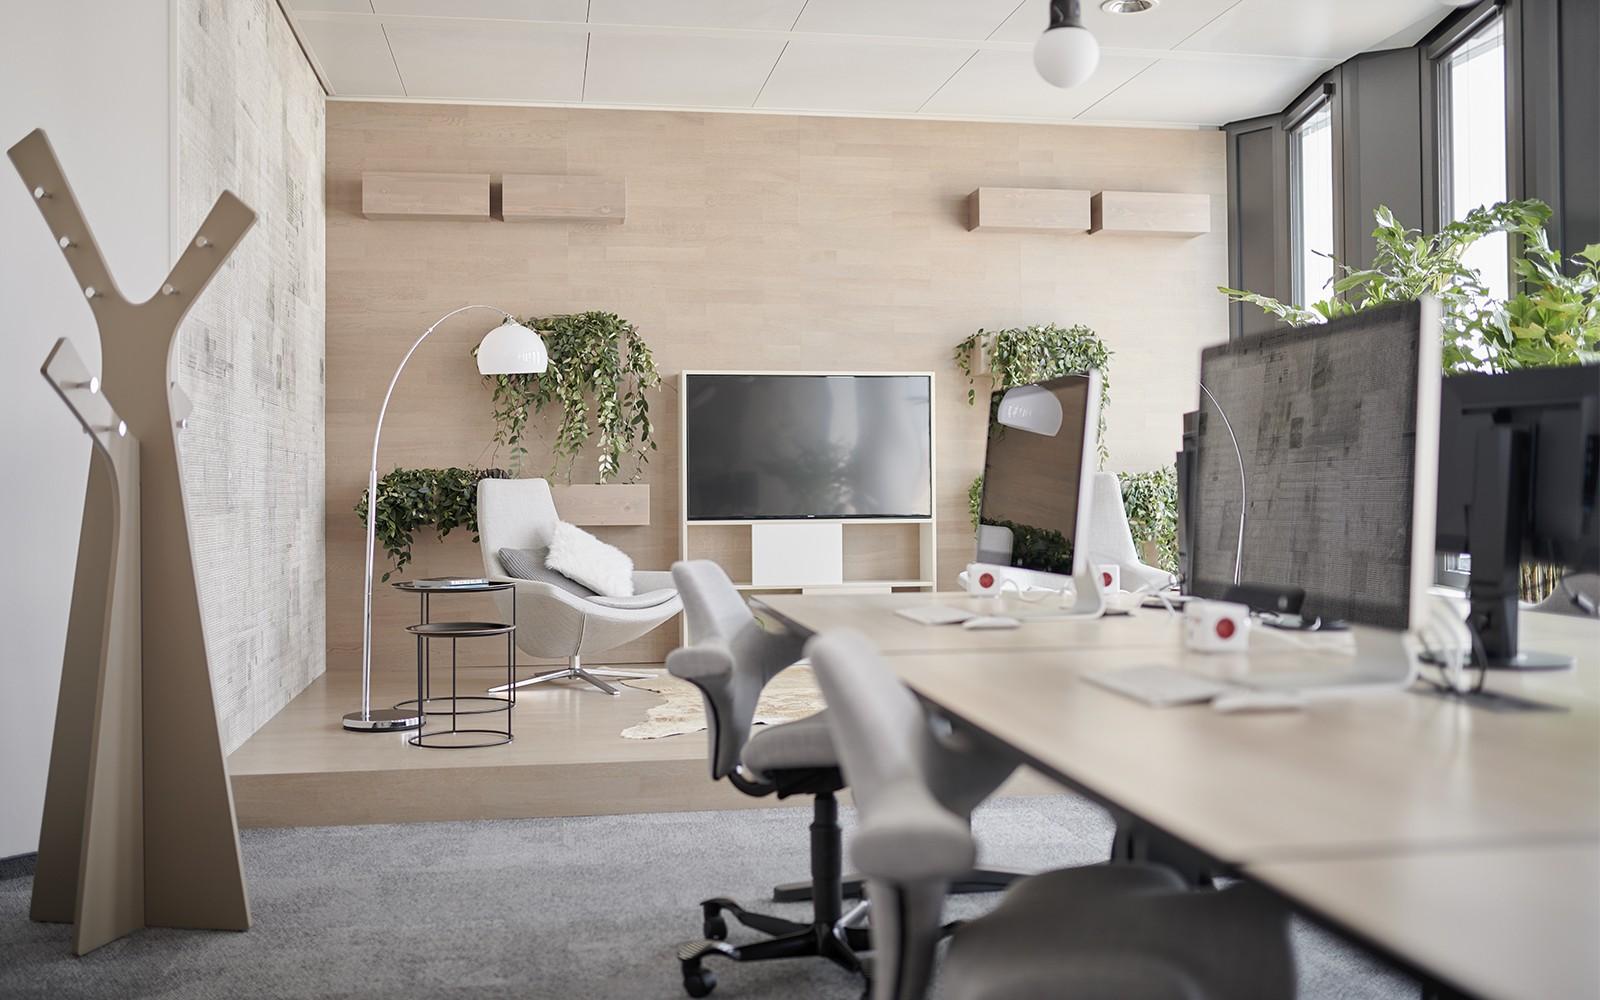 Trivago N V Campus Dusseldorf Innenarchitektur Raum Atelier